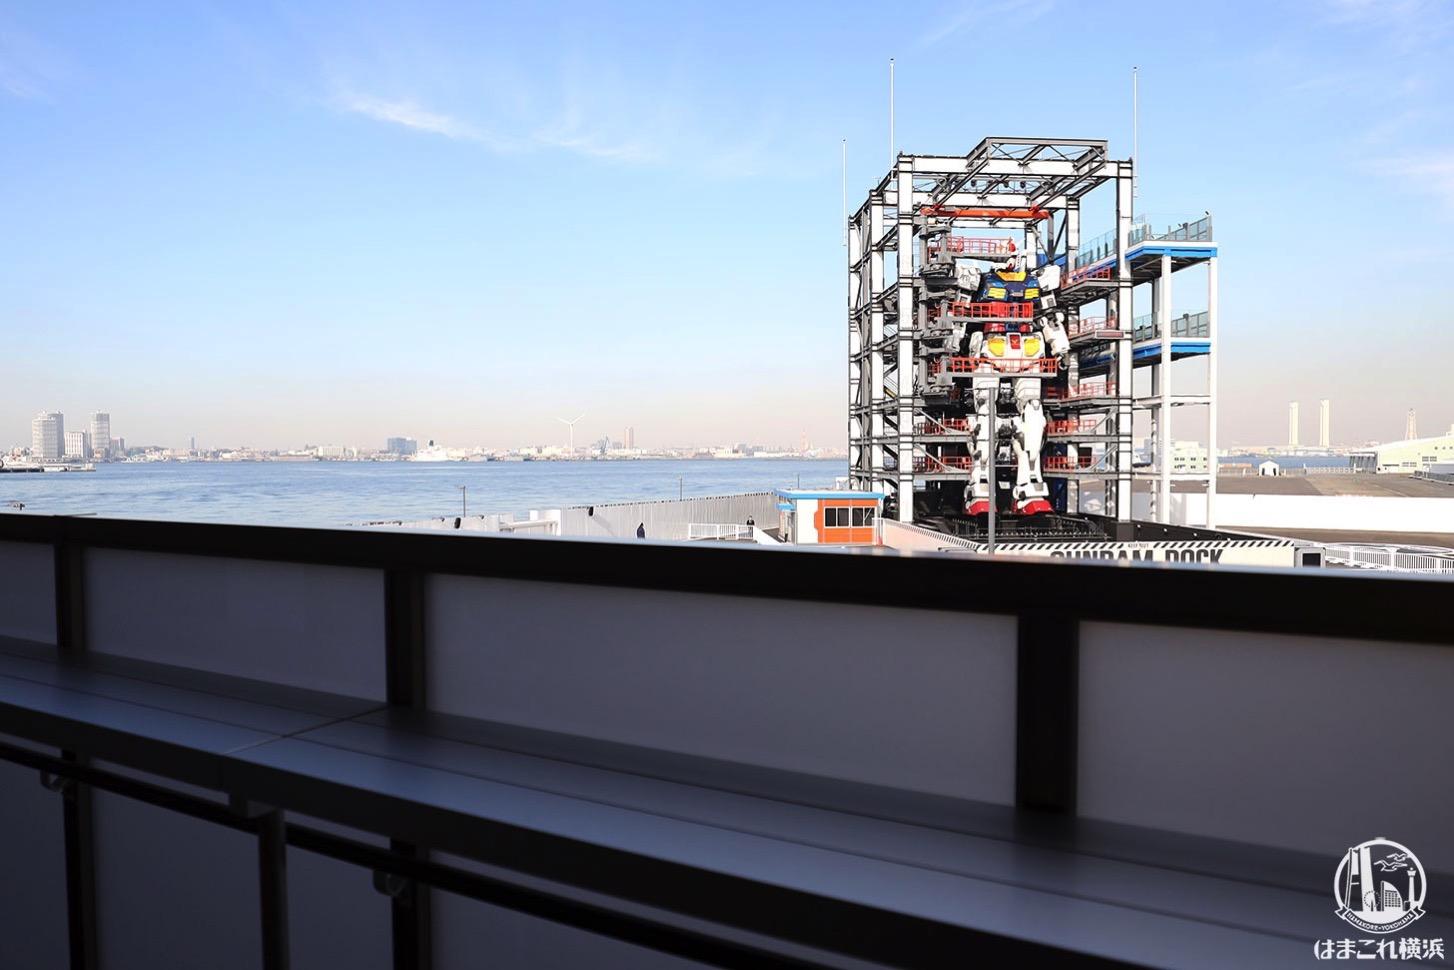 ガンダムカフェから眺める動くガンダム